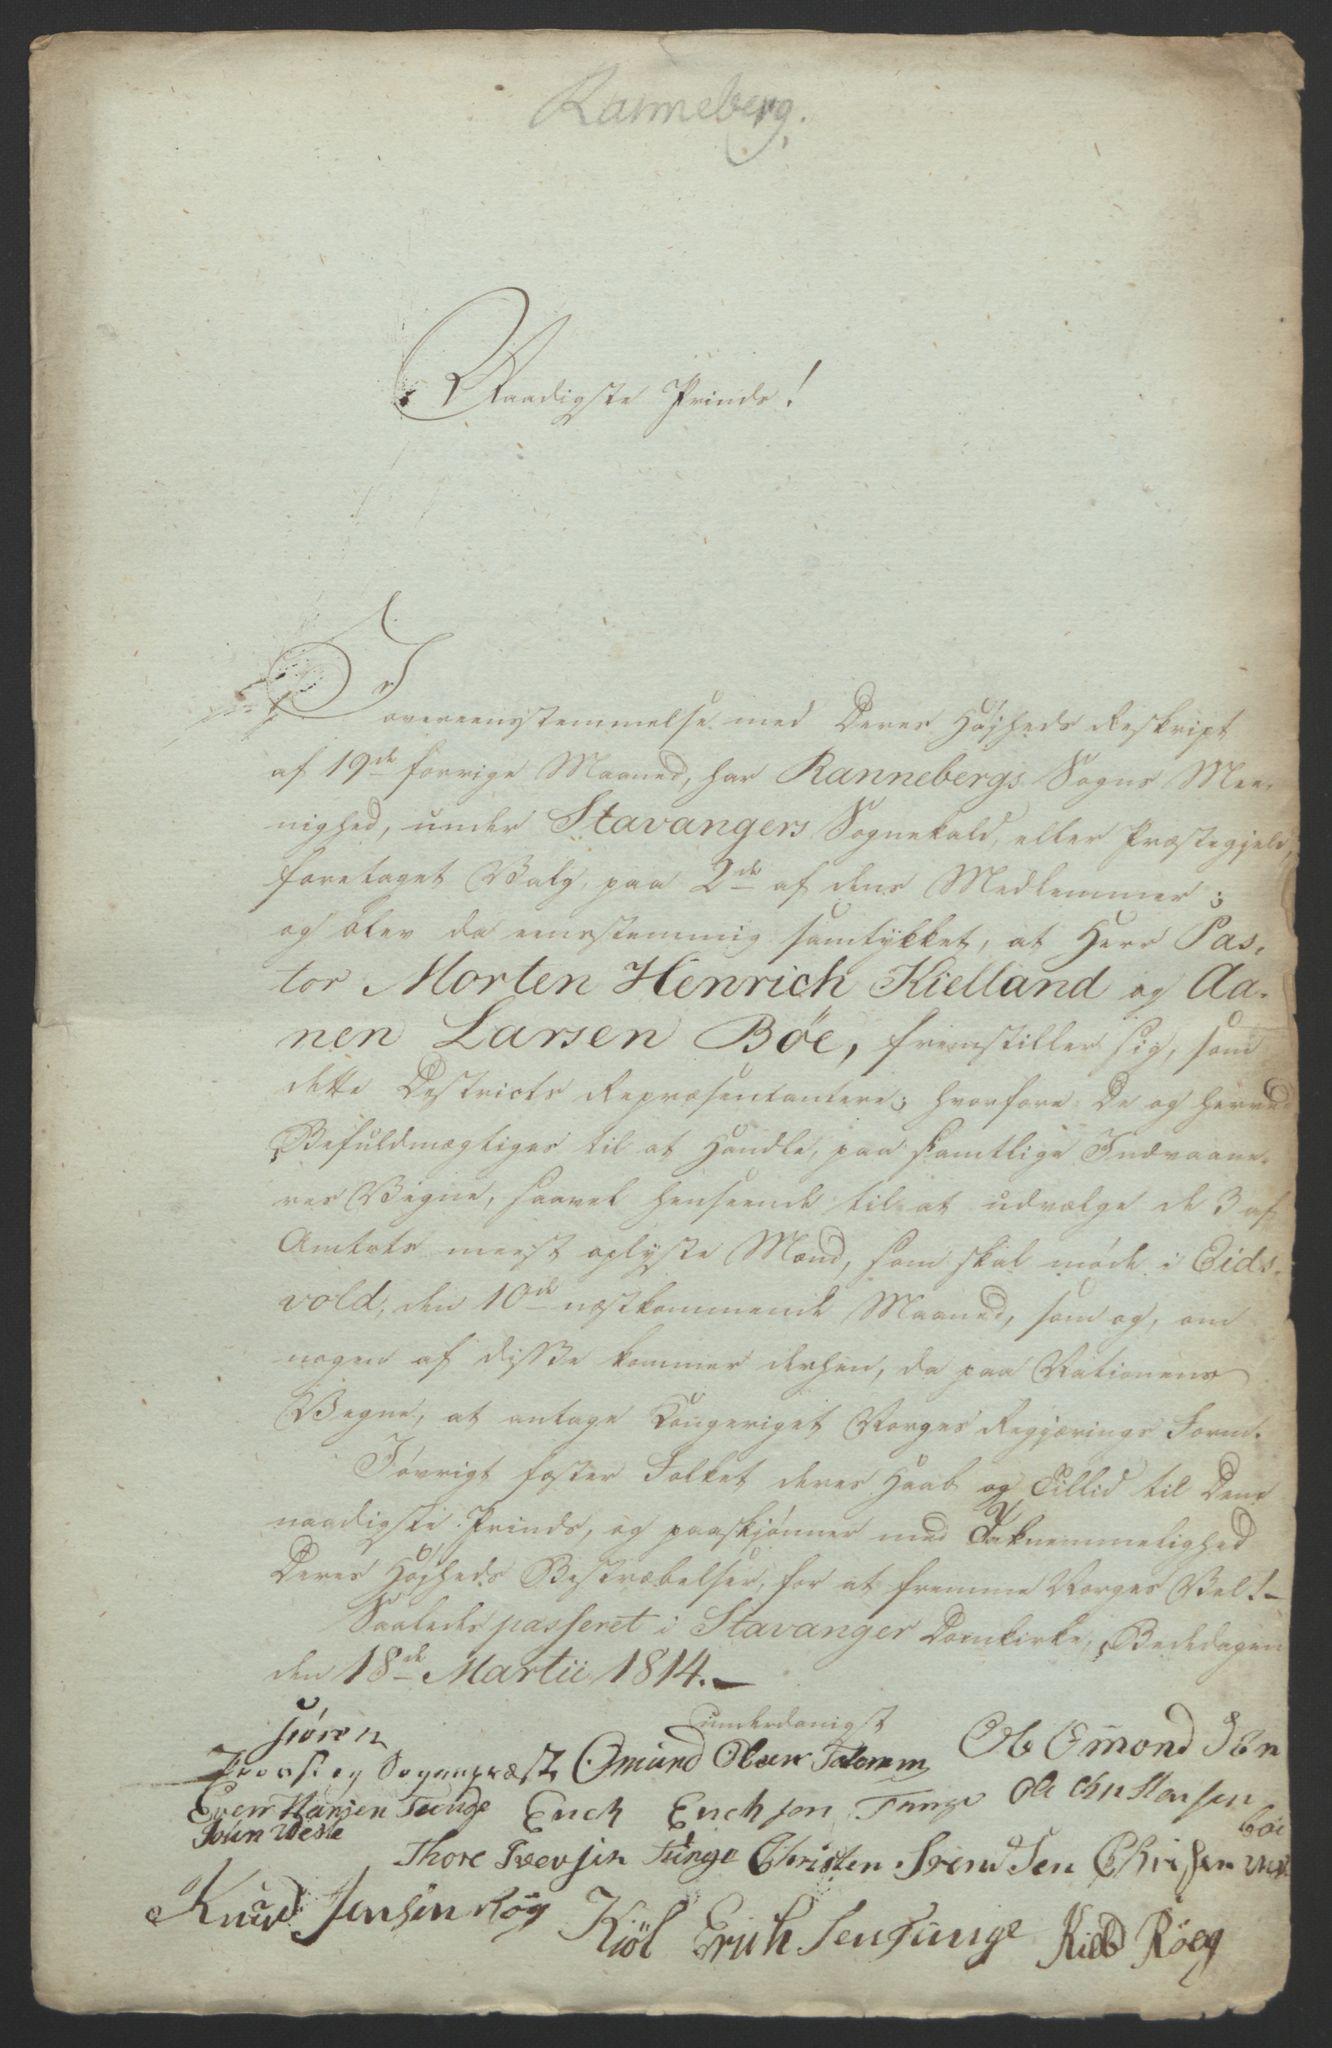 RA, Statsrådssekretariatet, D/Db/L0008: Fullmakter for Eidsvollsrepresentantene i 1814. , 1814, s. 201